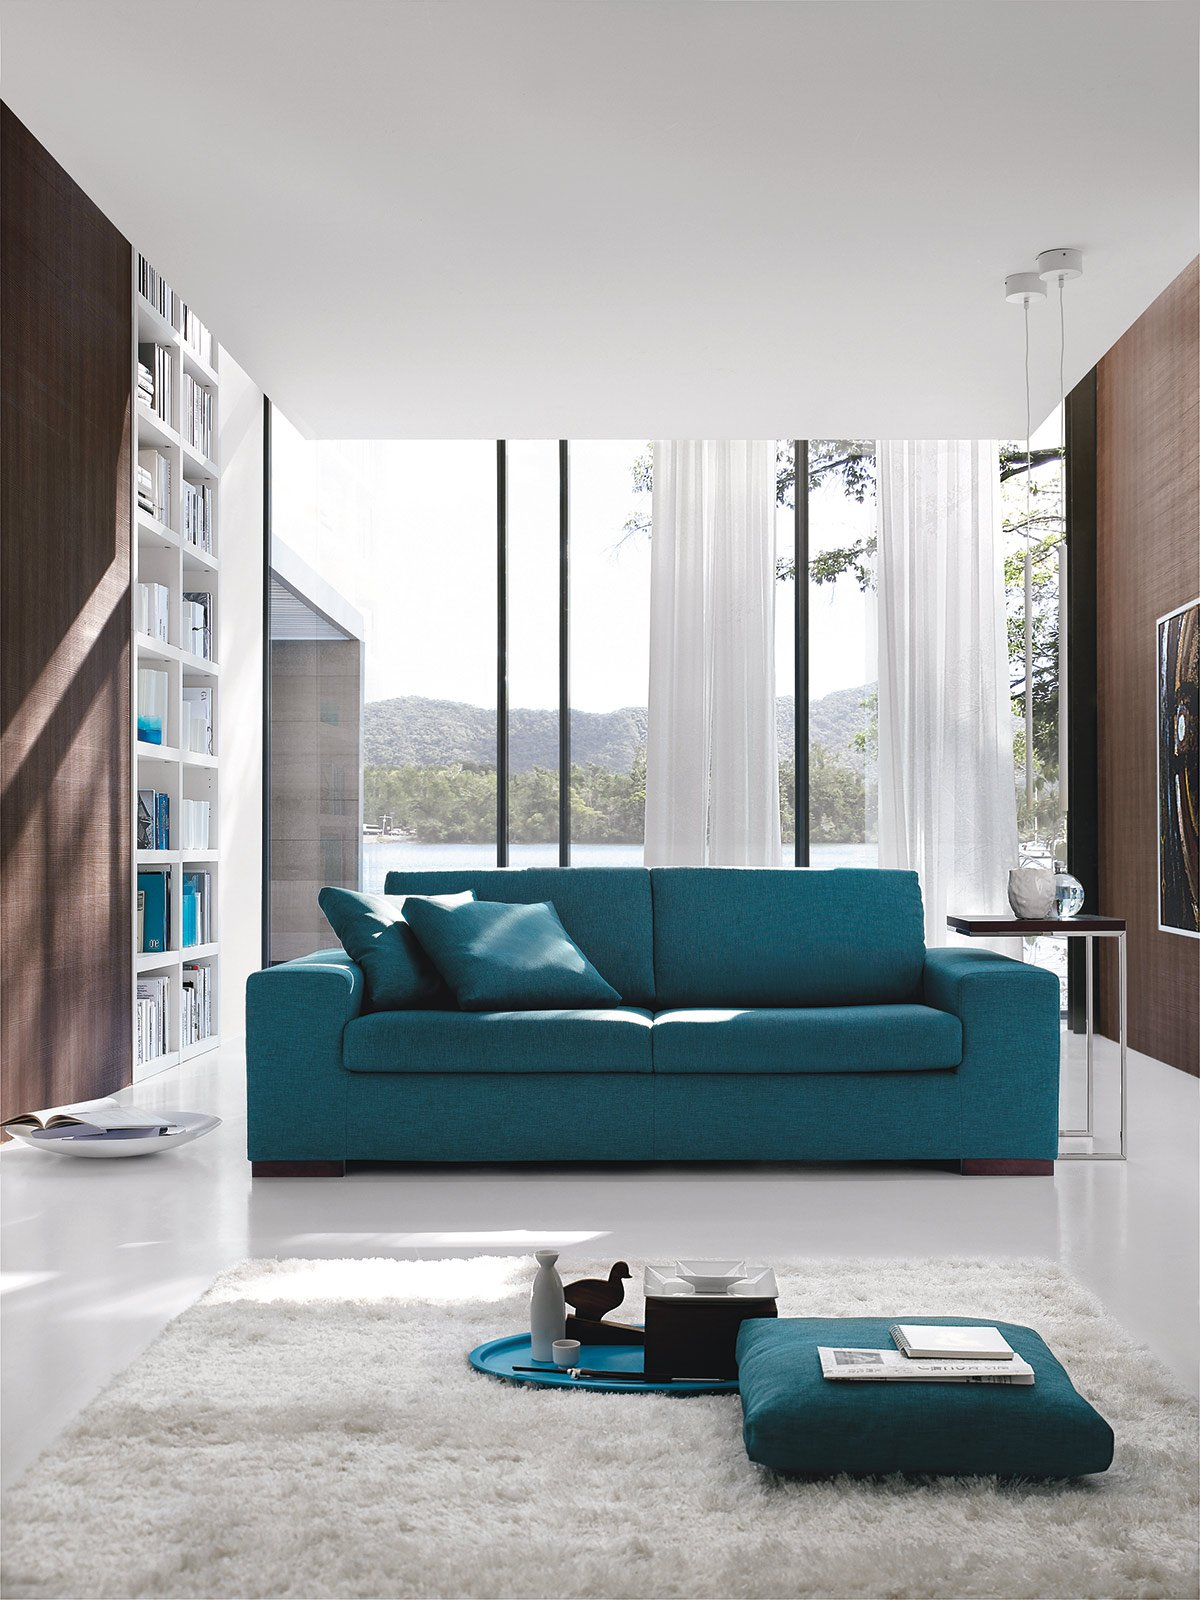 Divani blu cose di casa - Salotto con divano blu ...